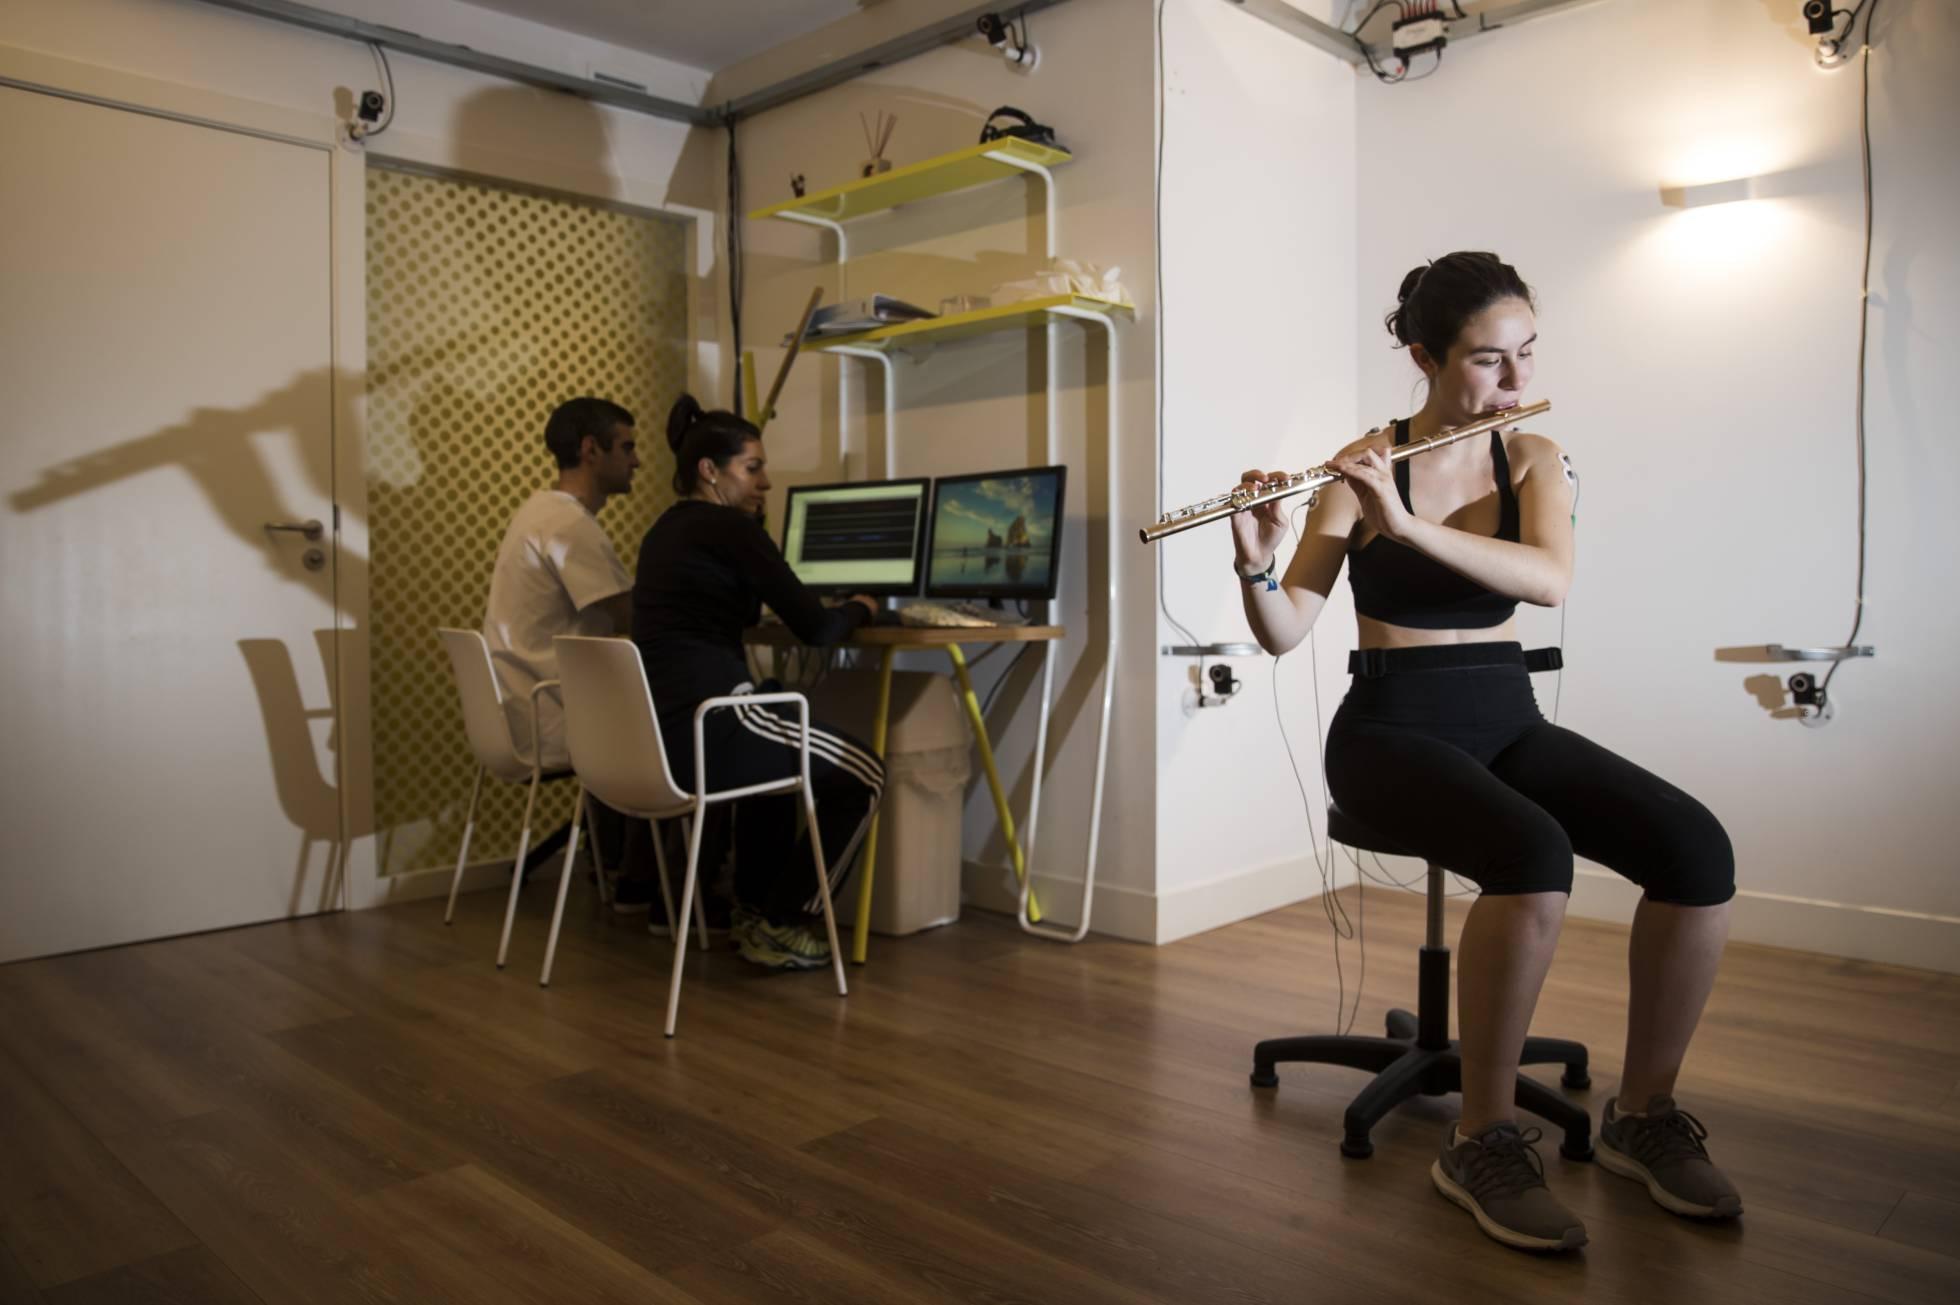 Специалисты из города Ла-Корунья разрабатывают терапию для решения проблем опорно-двигательного аппарата у музыкантов